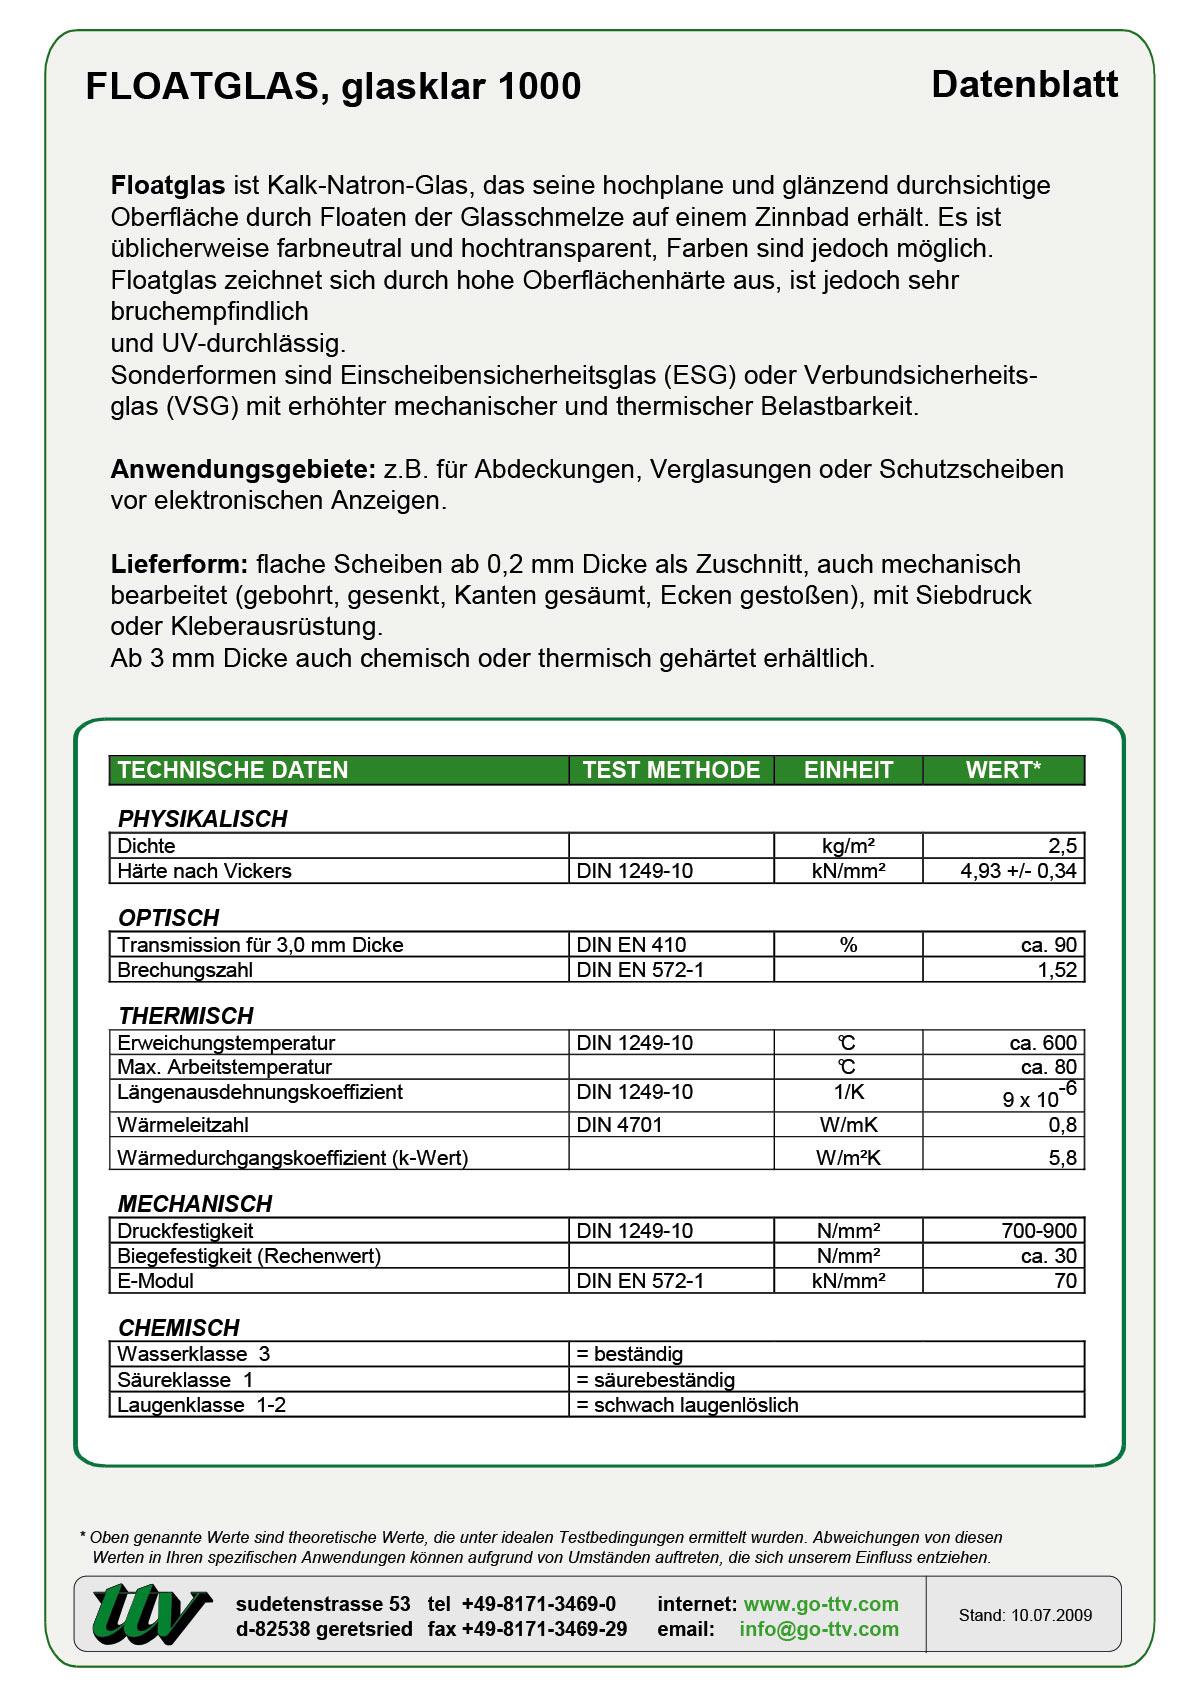 Floatglas Datenblatt